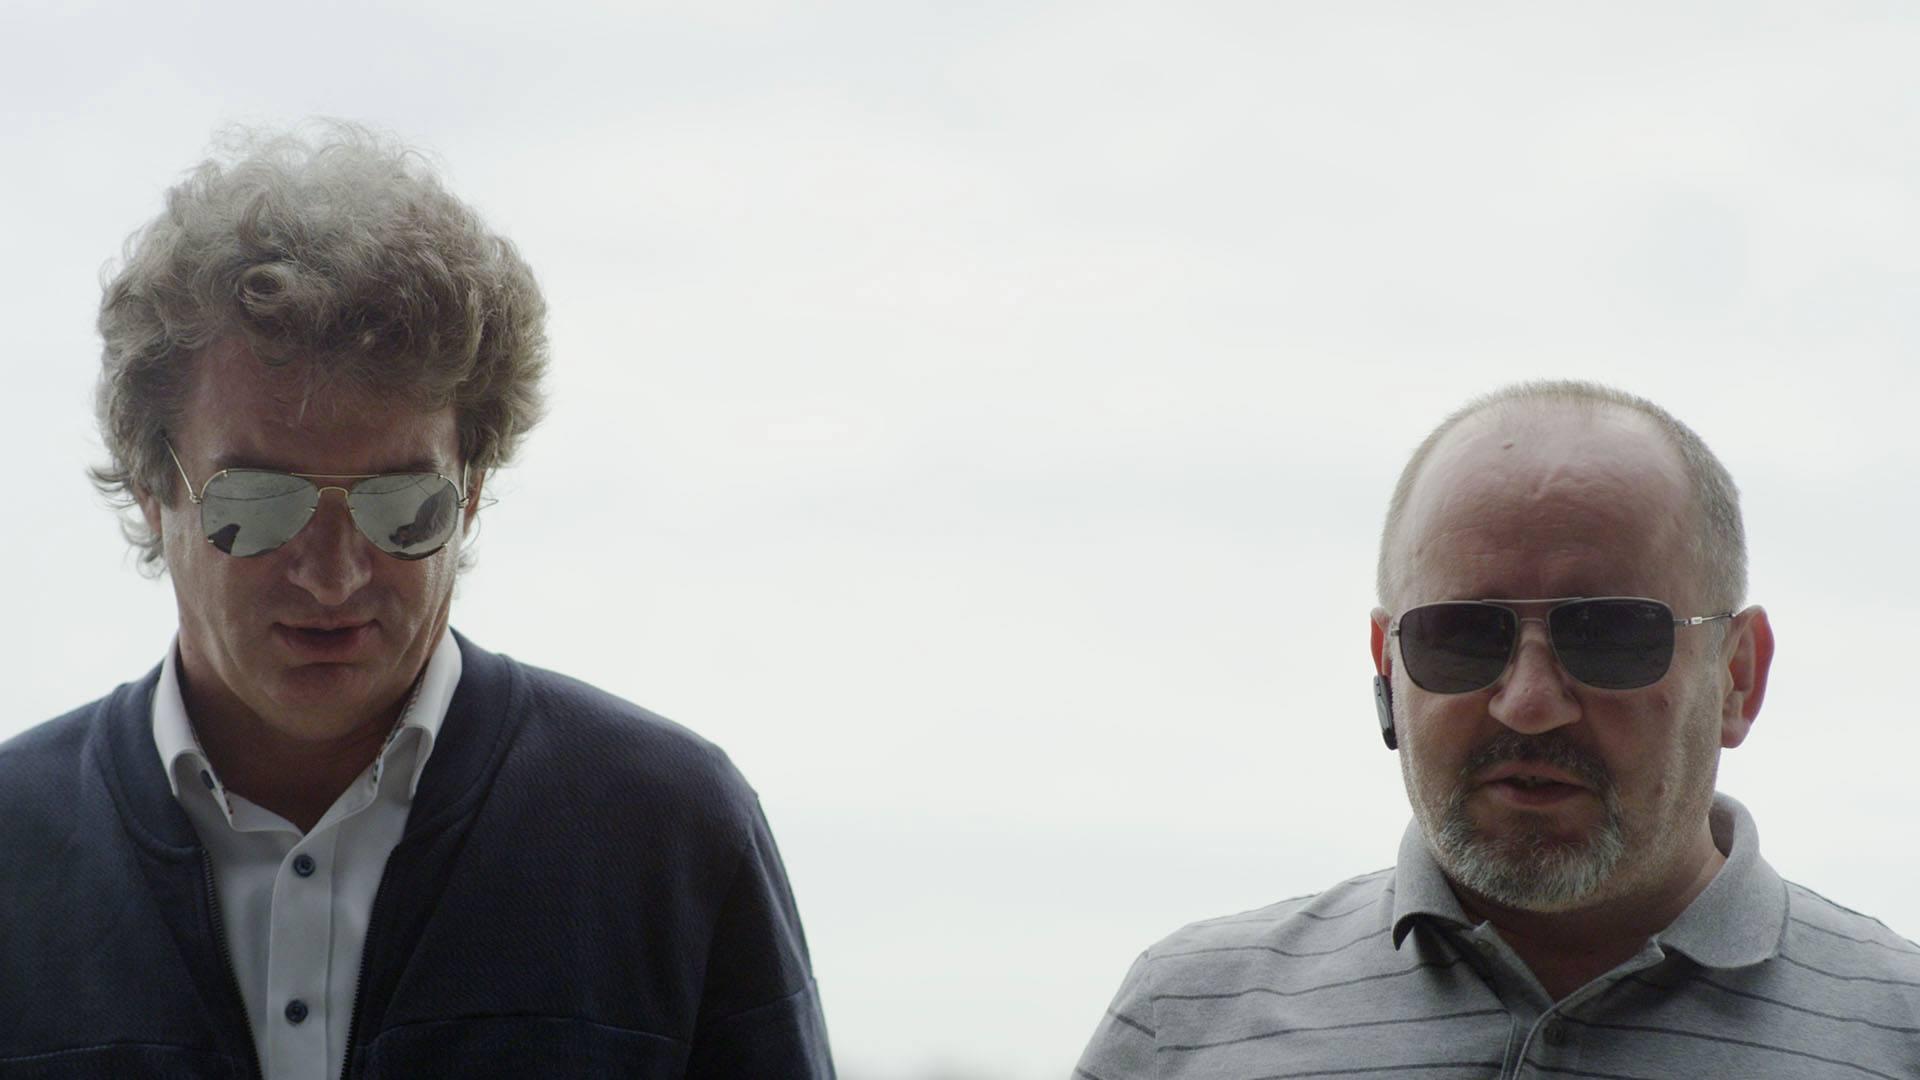 Bagsik i Gąsiorowski przerywają milczenie. W lutym w CANAL+ DISCOVERY